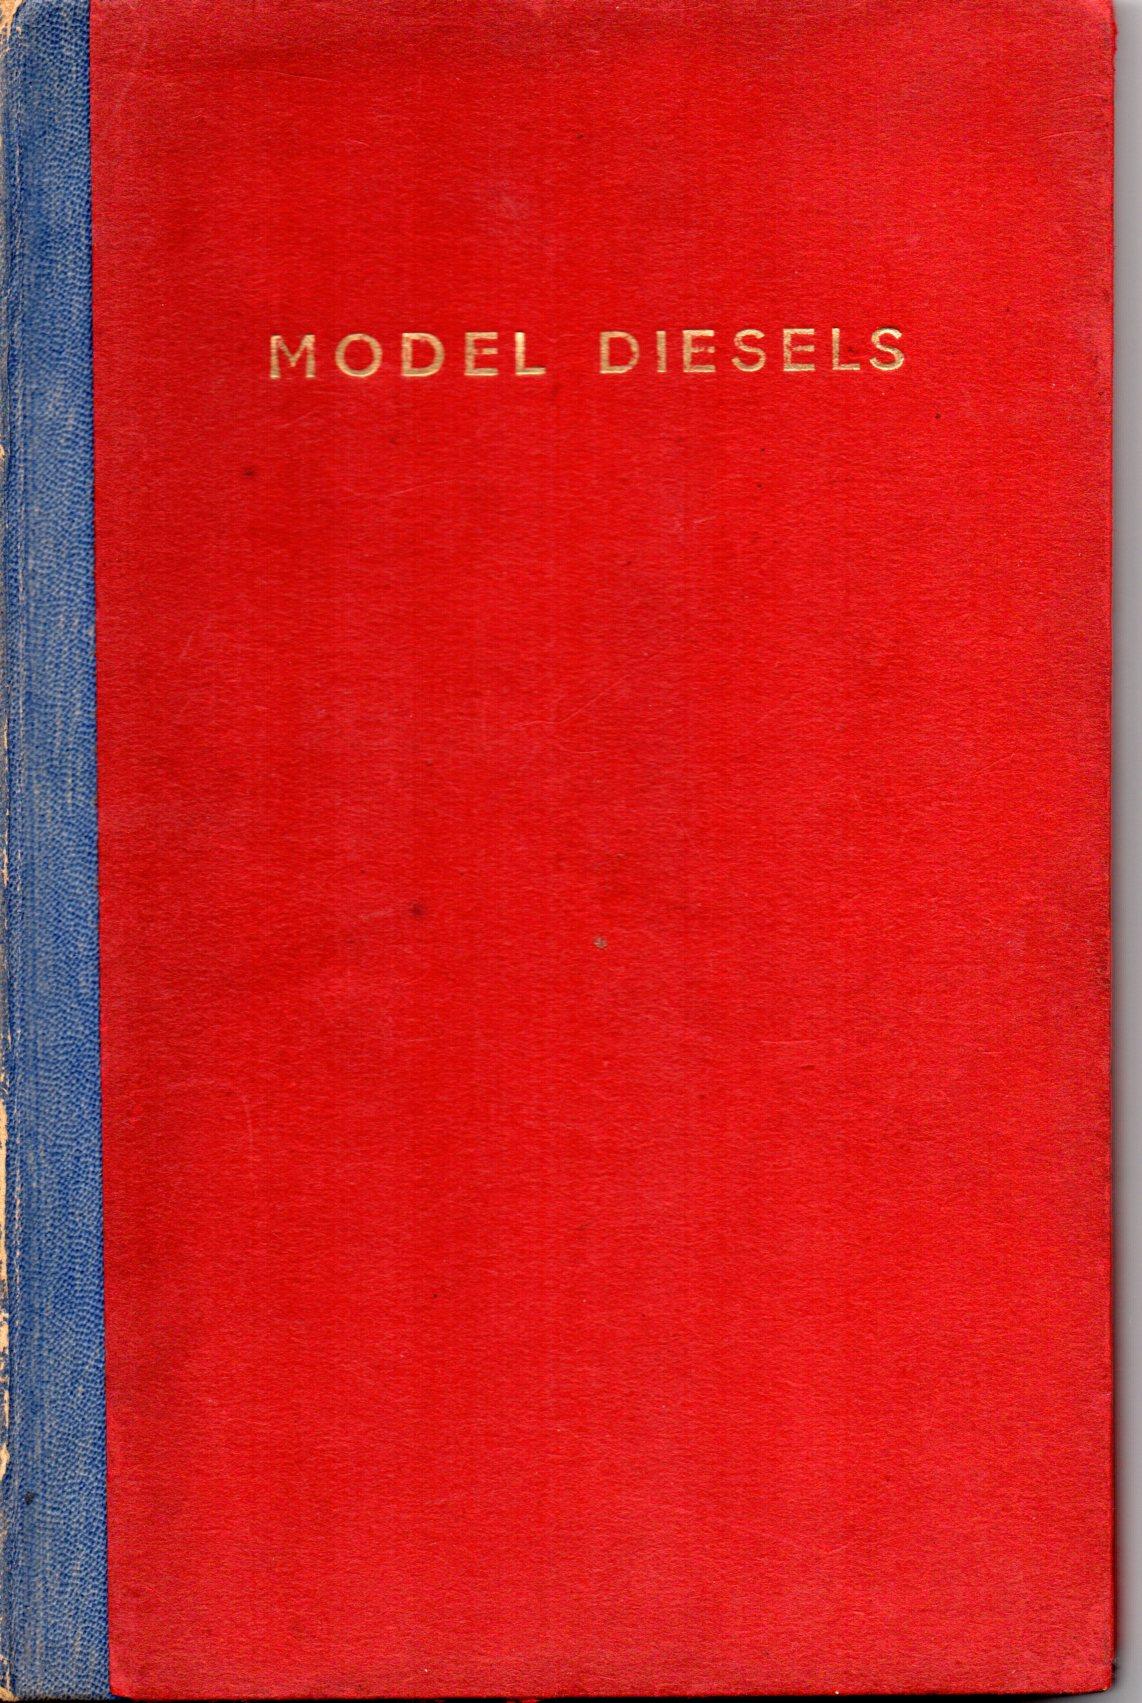 Model Diesels 1947